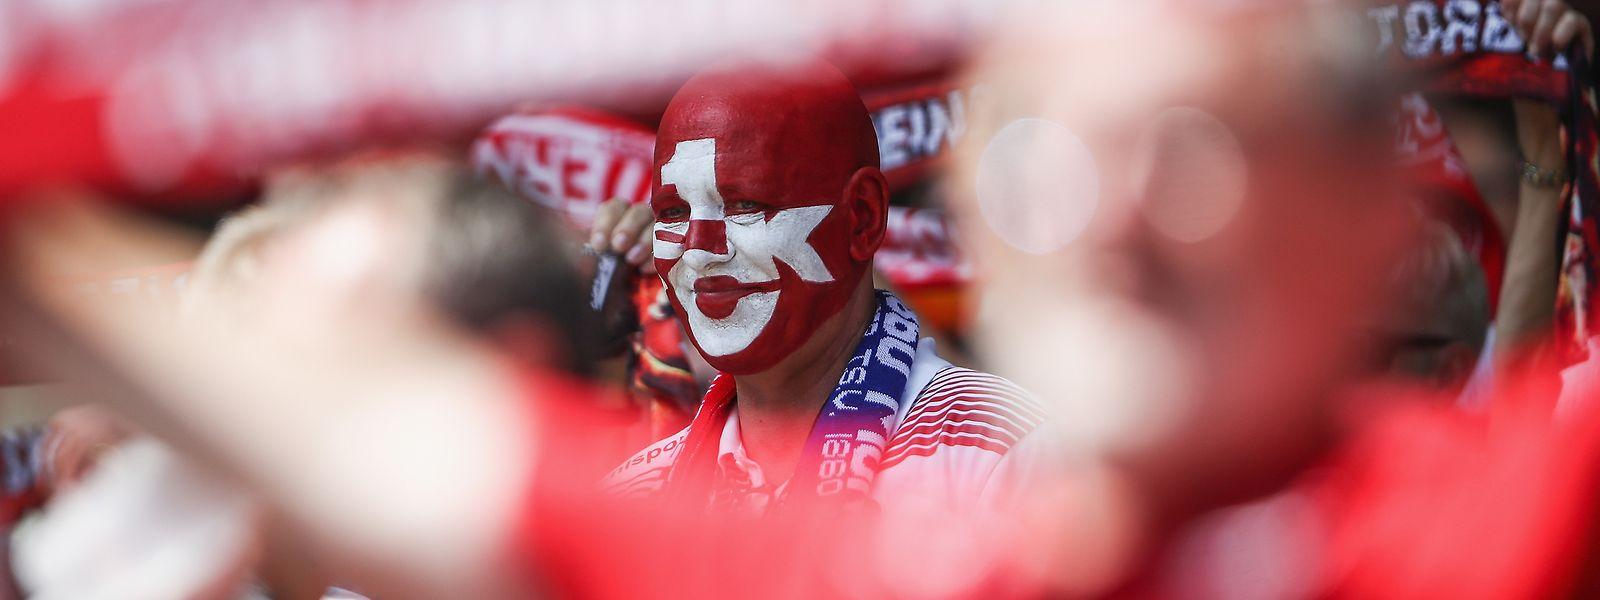 Die Fans des 1. FC Kaiserslautern freuen sich auf das Spiel gegen den Lokalrivalen.